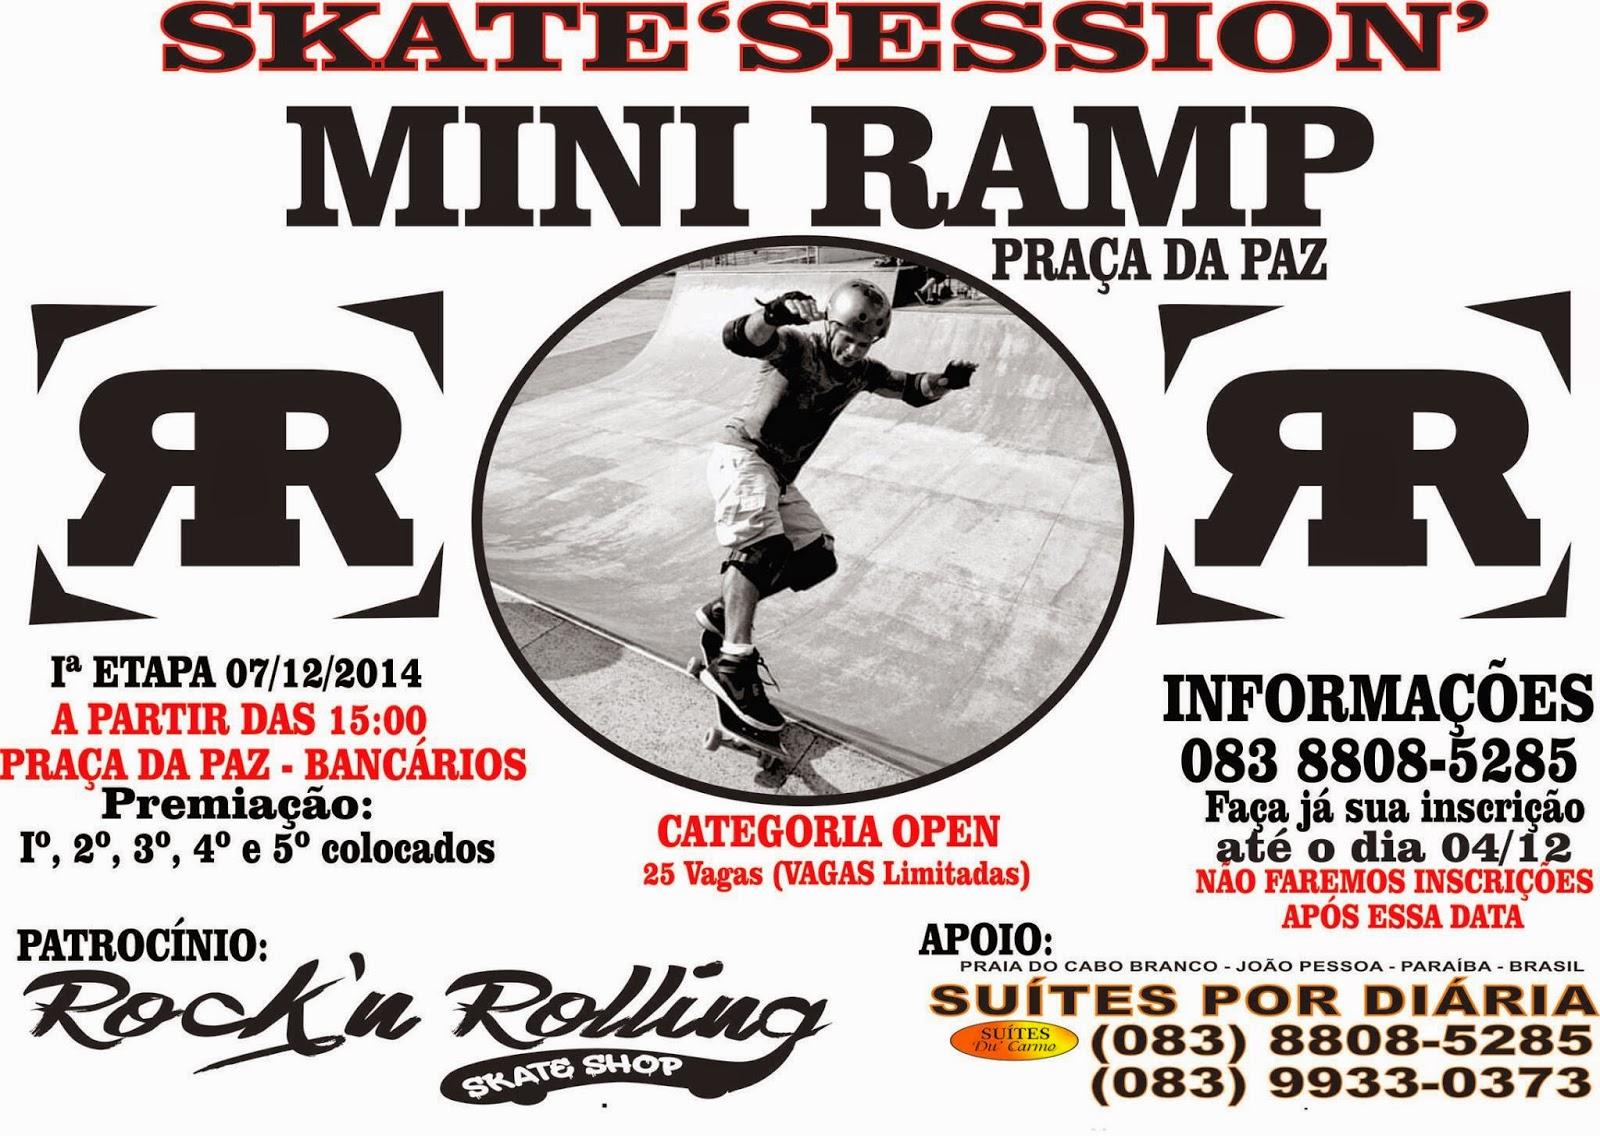 34c85b15a74232 SkateMasters-Jpa  Domingo tem campeonato na Praça da Paz